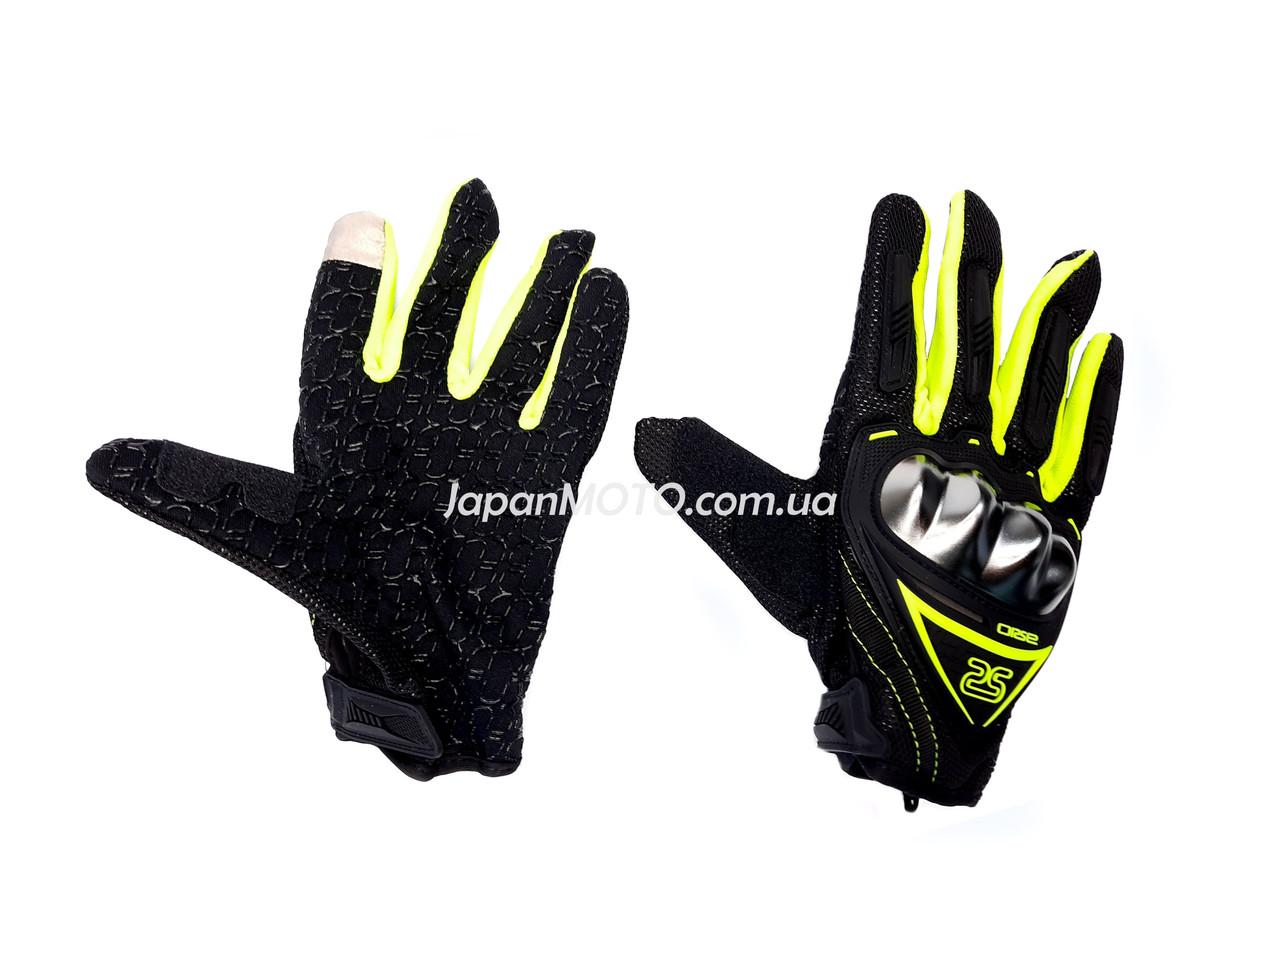 Перчатки AXIO AX-01 сенсорный палец (size: XL, зеленые)